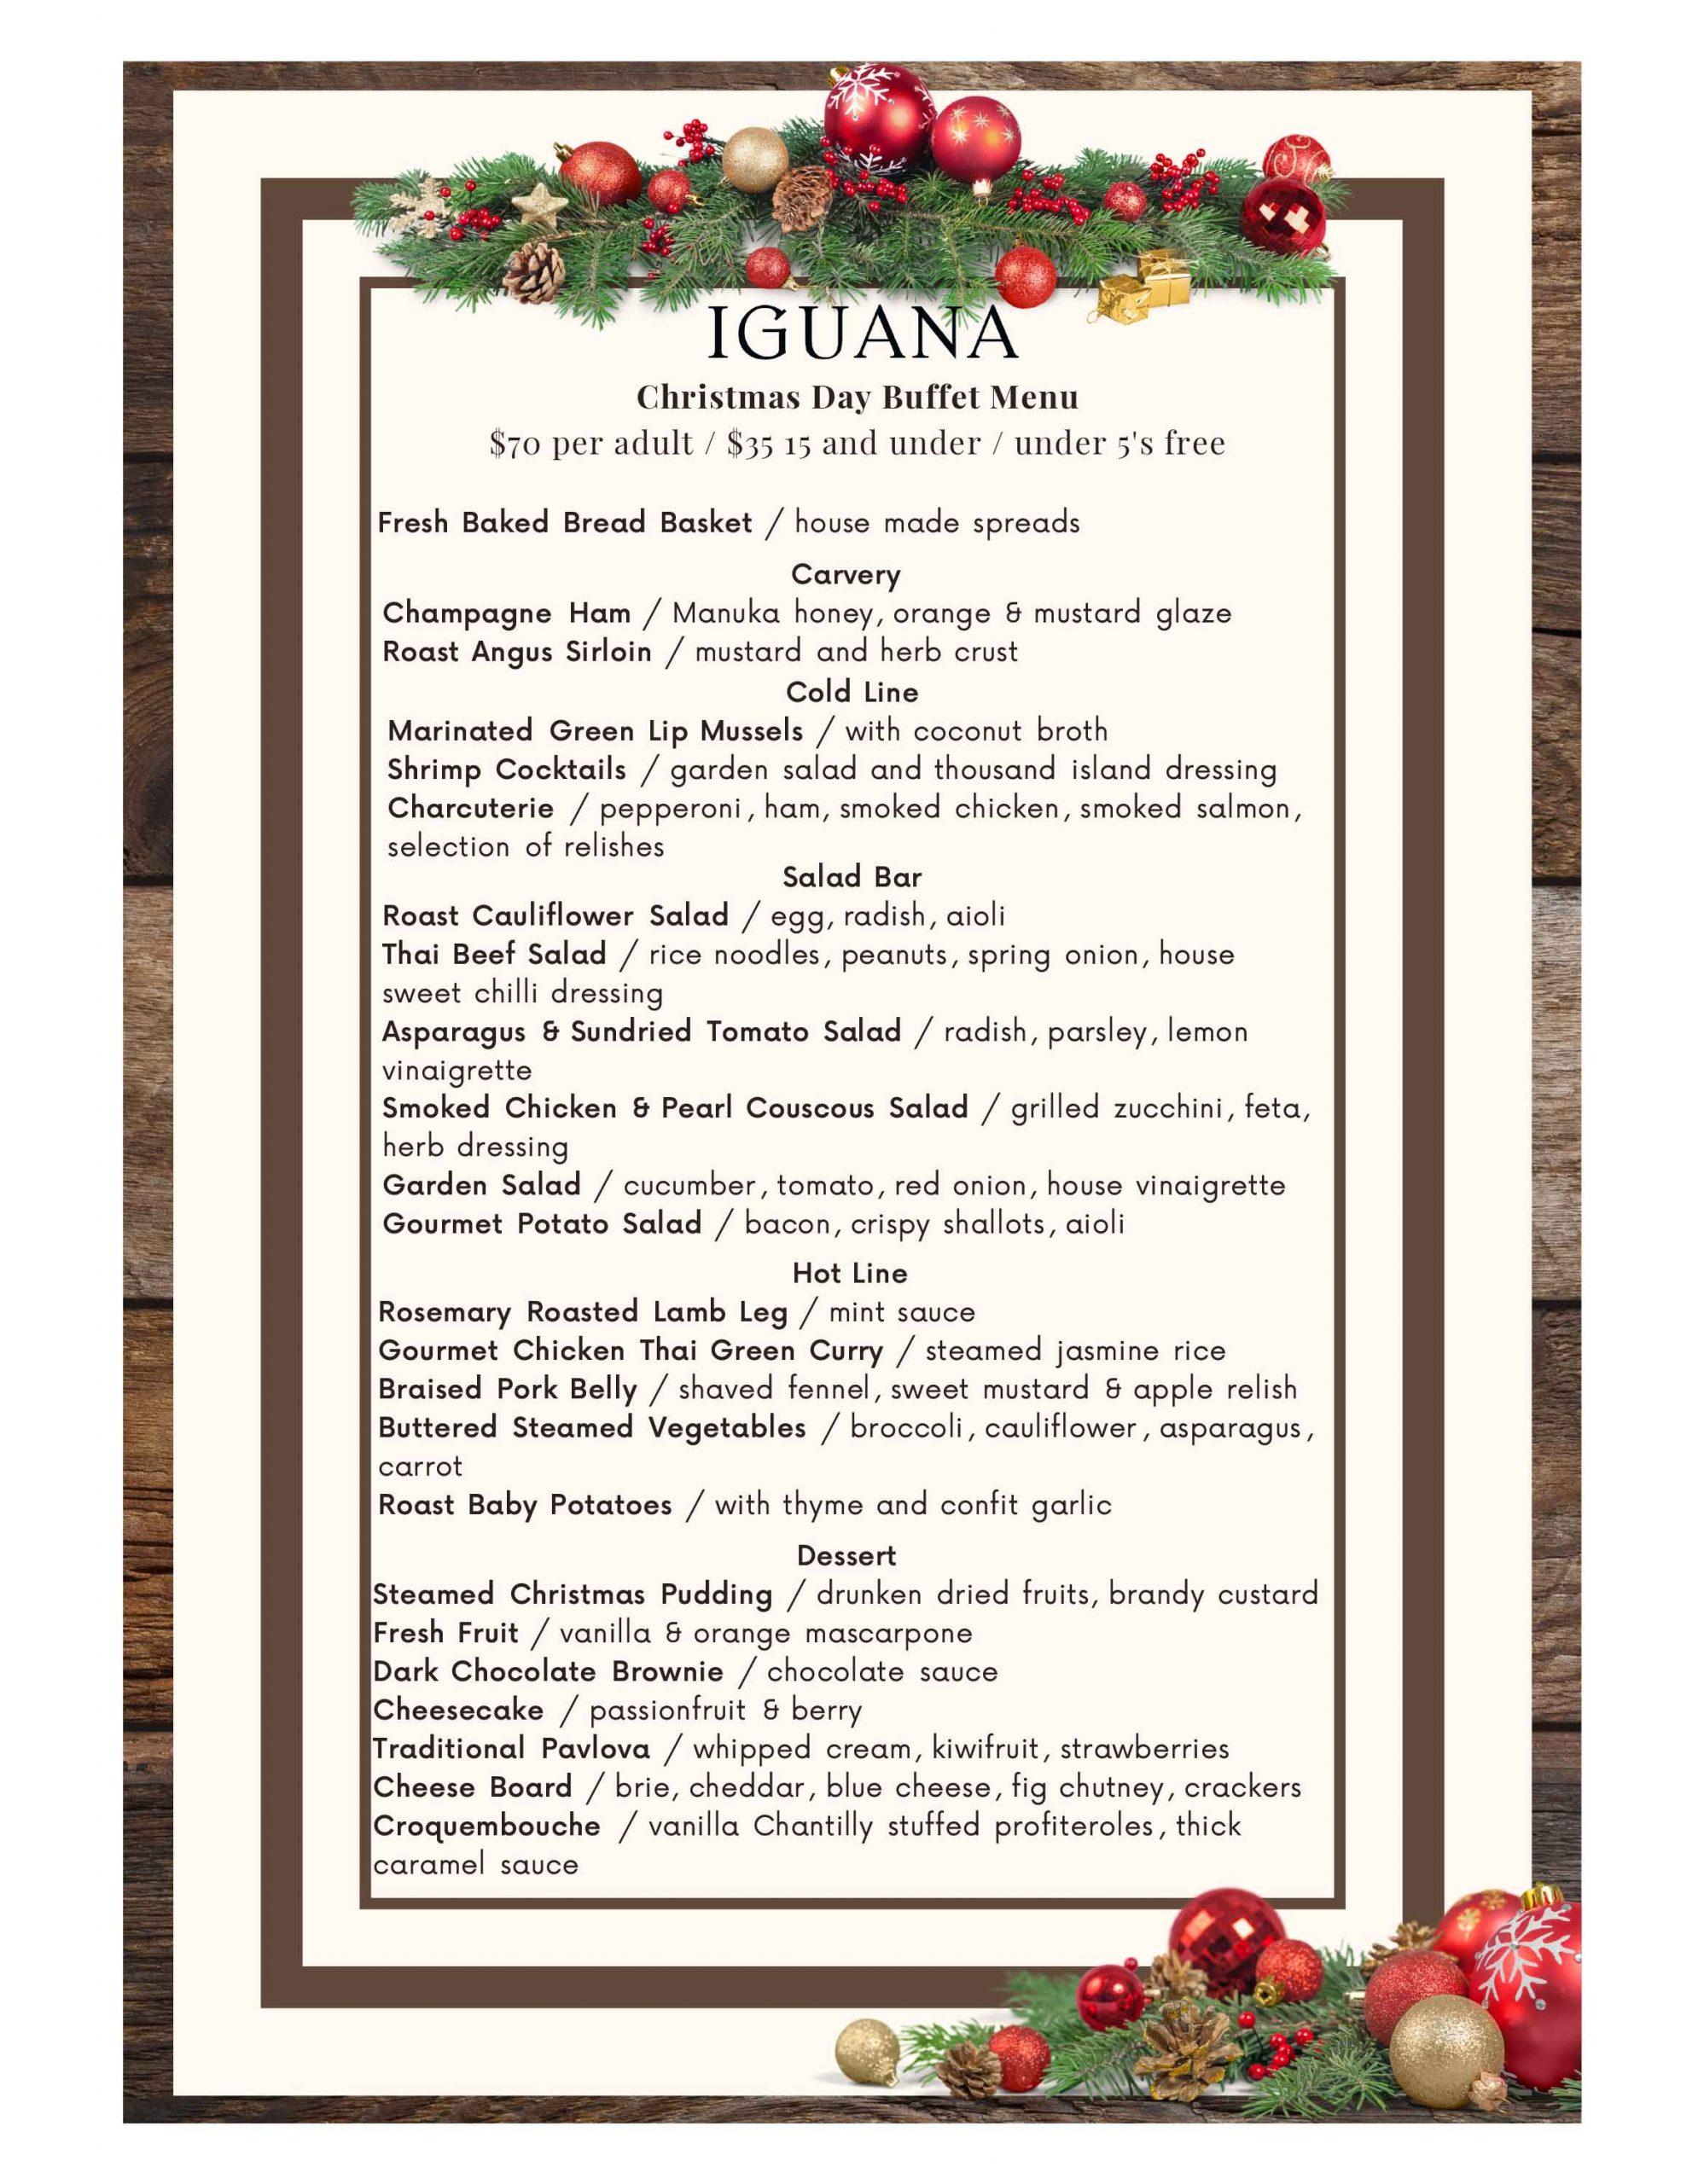 Iguana Christmas Day 2021 buffet